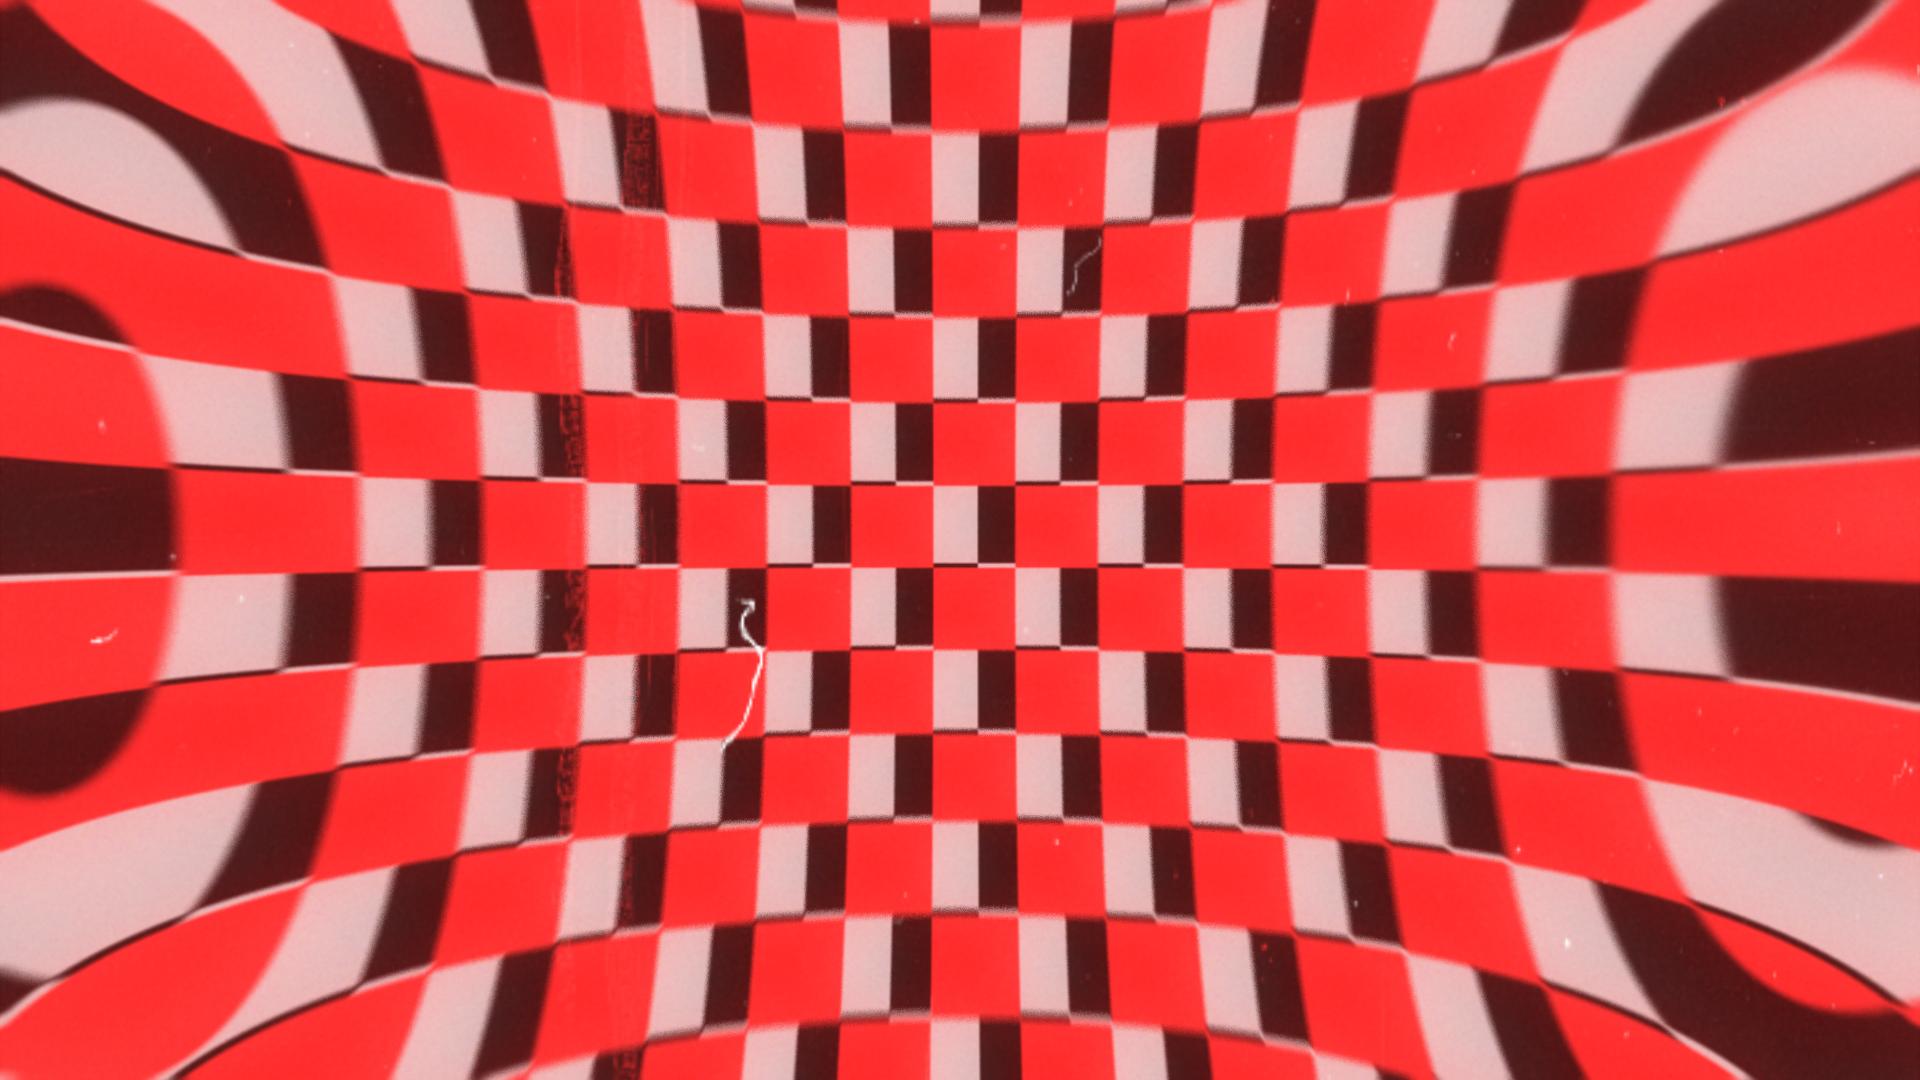 SeeingSounds_LoveWon'tLetMeDown_Loop4_1920x1080.jpg